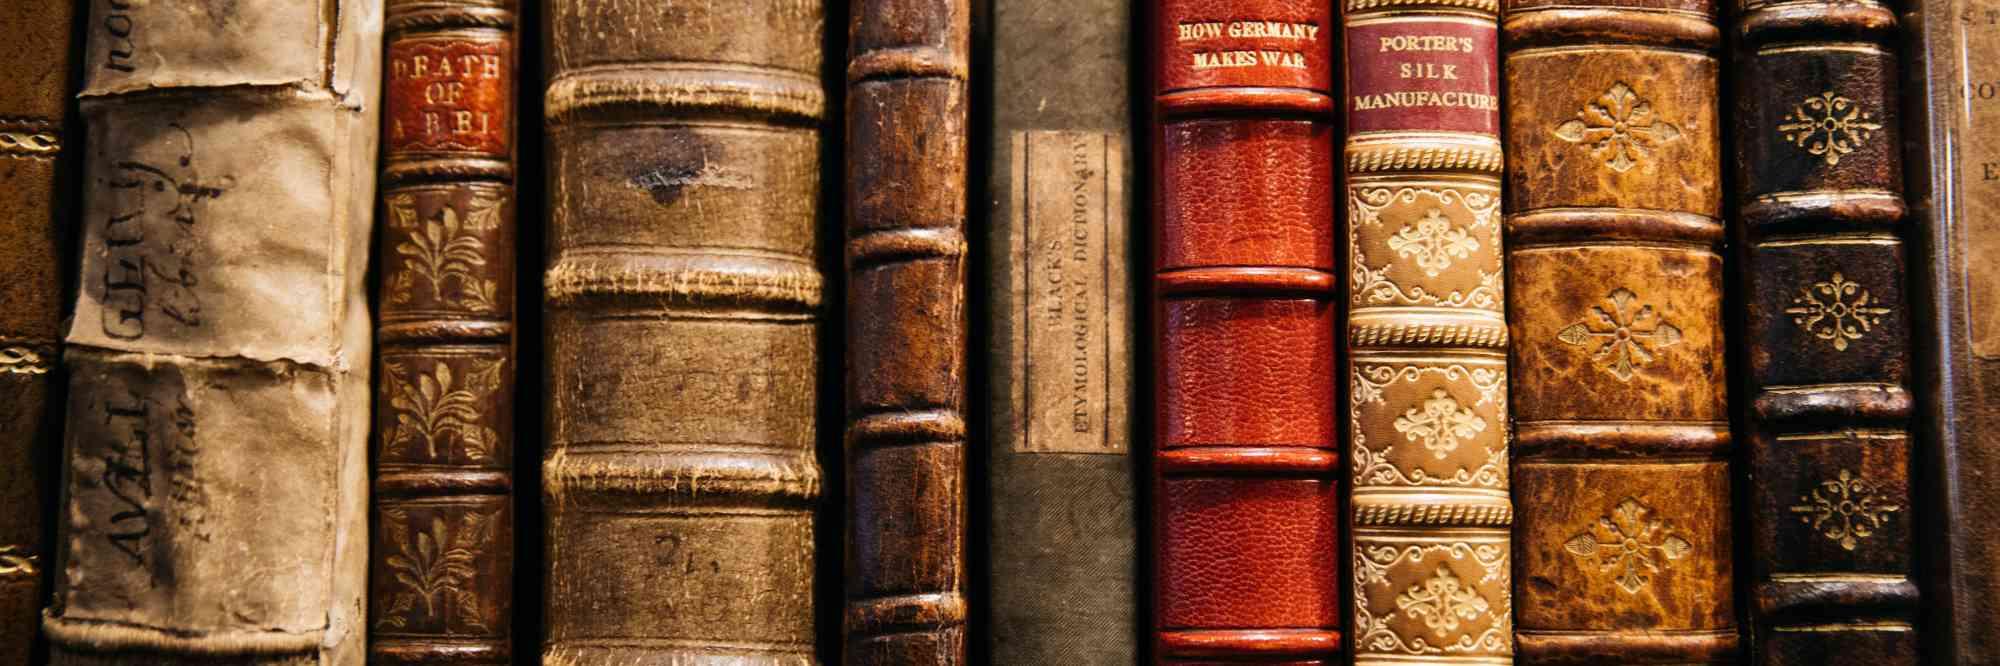 Rare books for sale